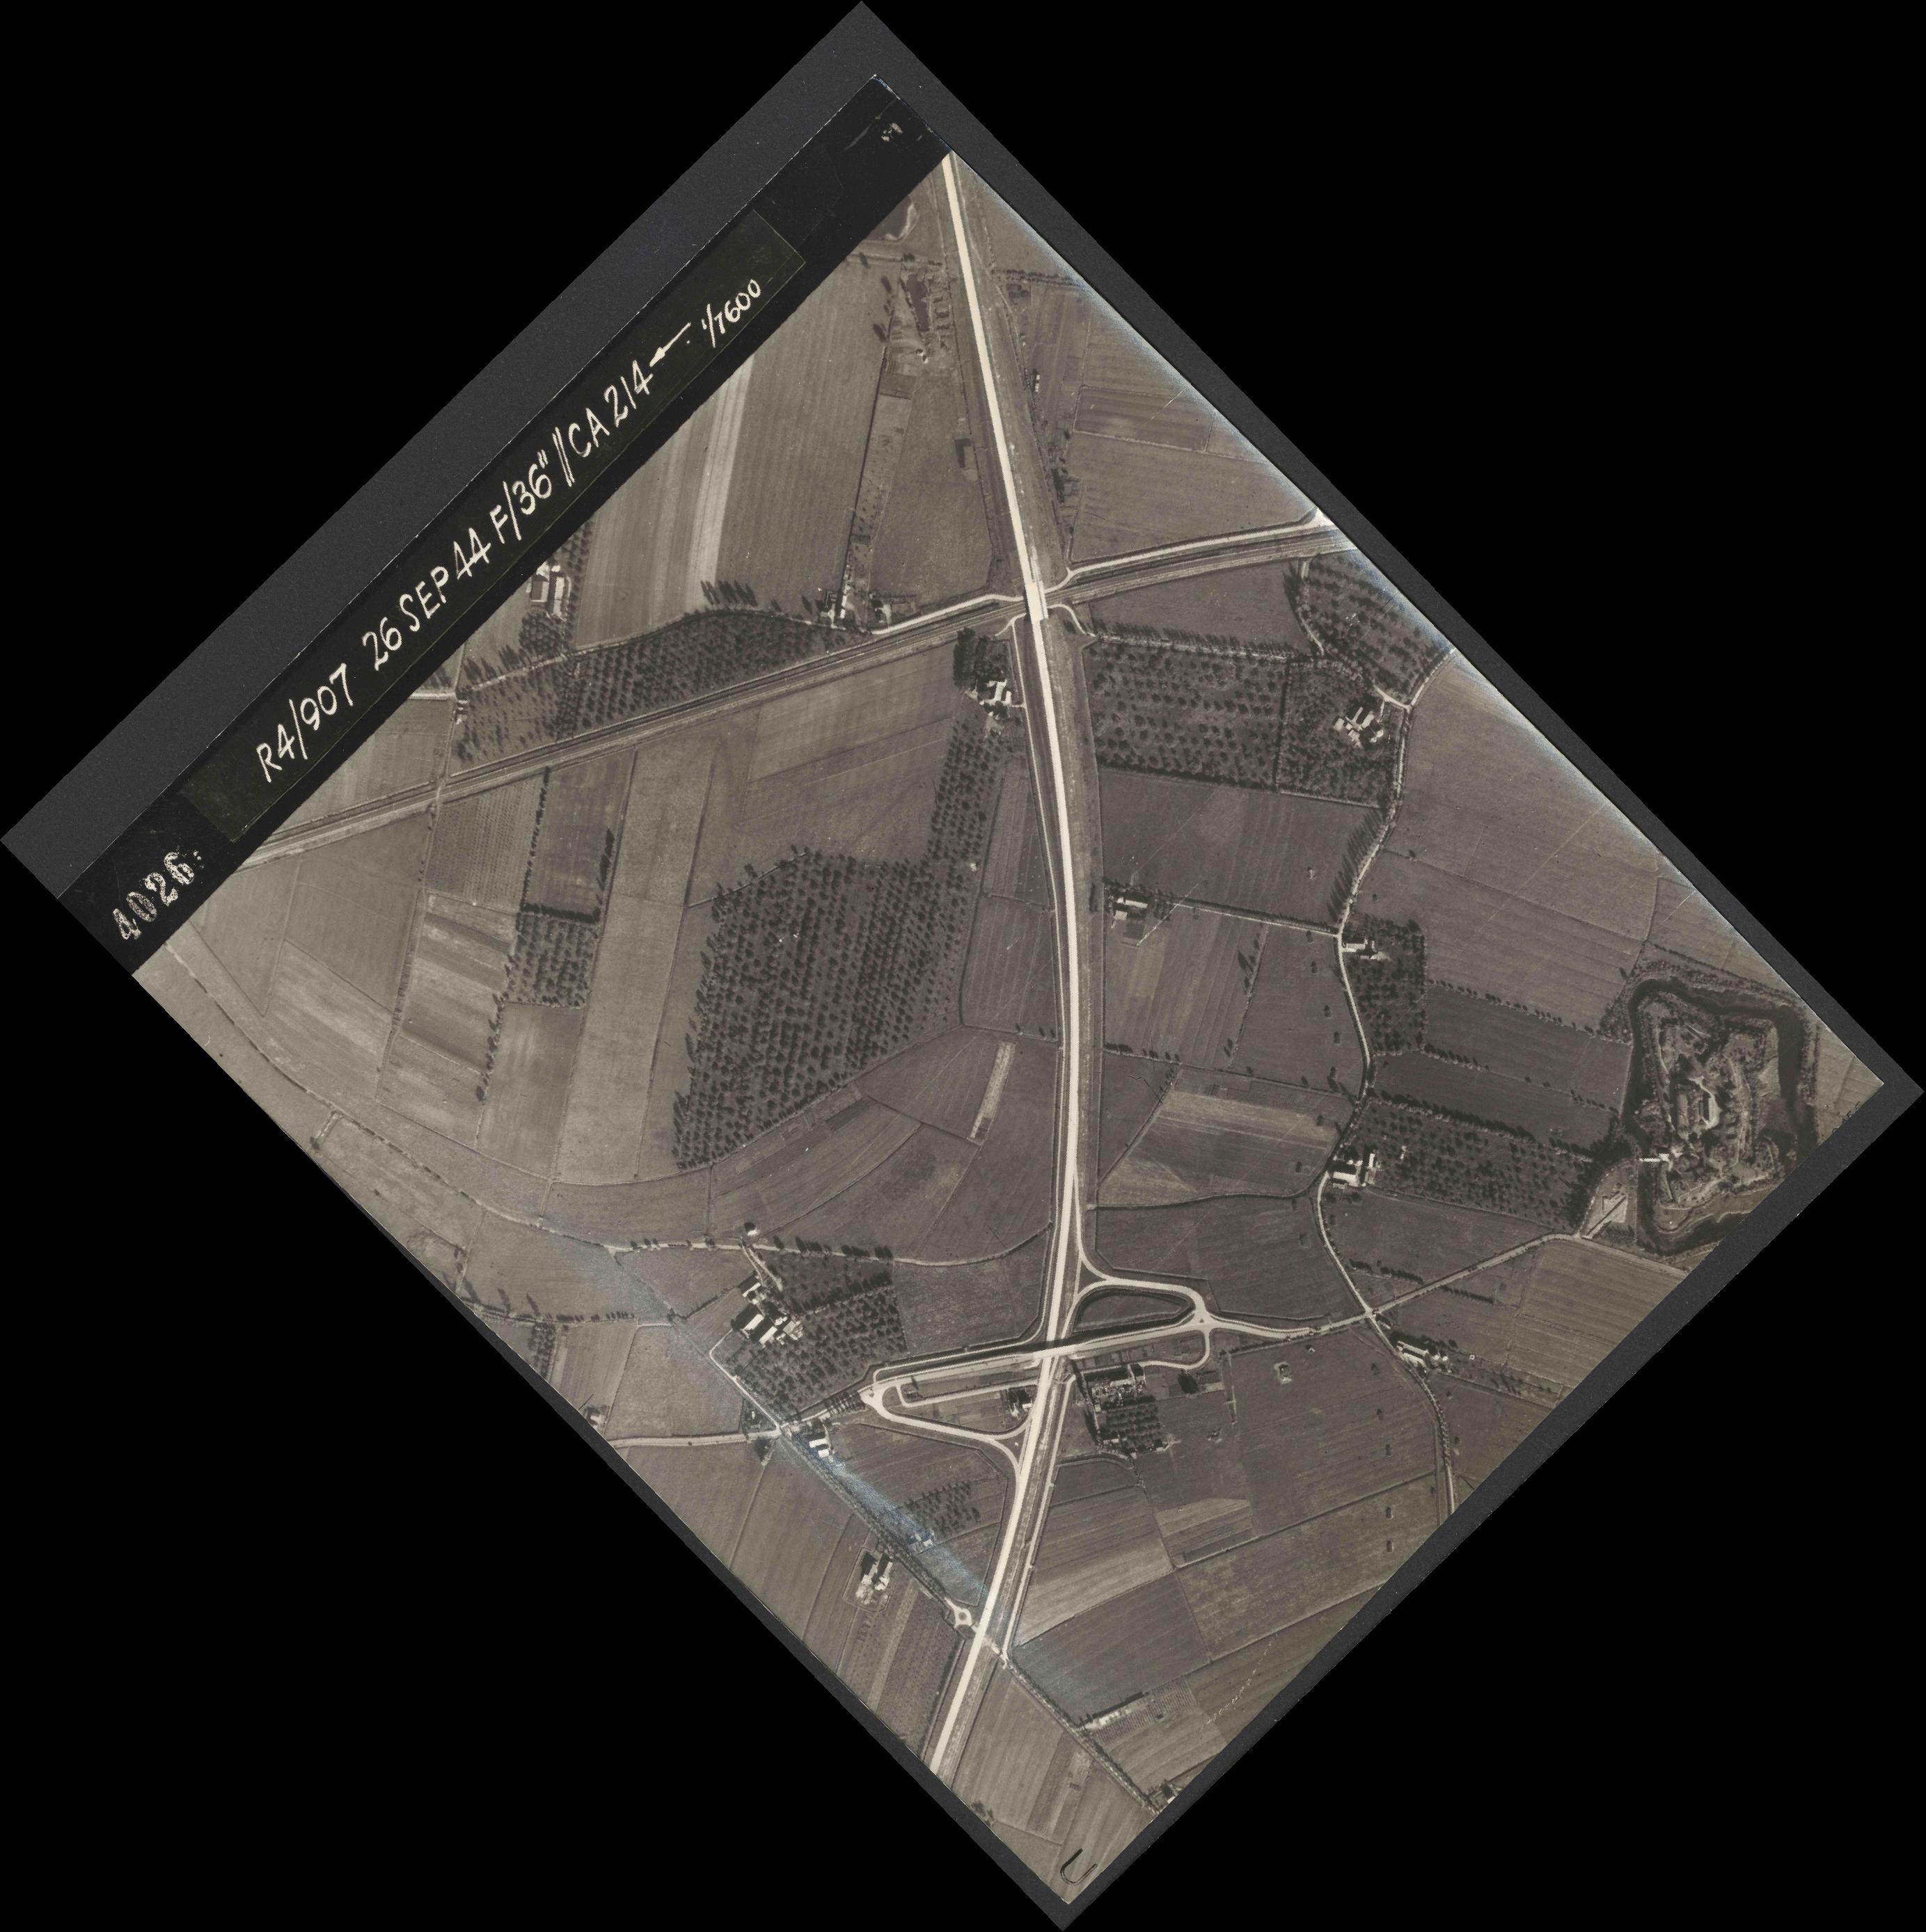 Collection RAF aerial photos 1940-1945 - flight 097, run 03, photo 4026